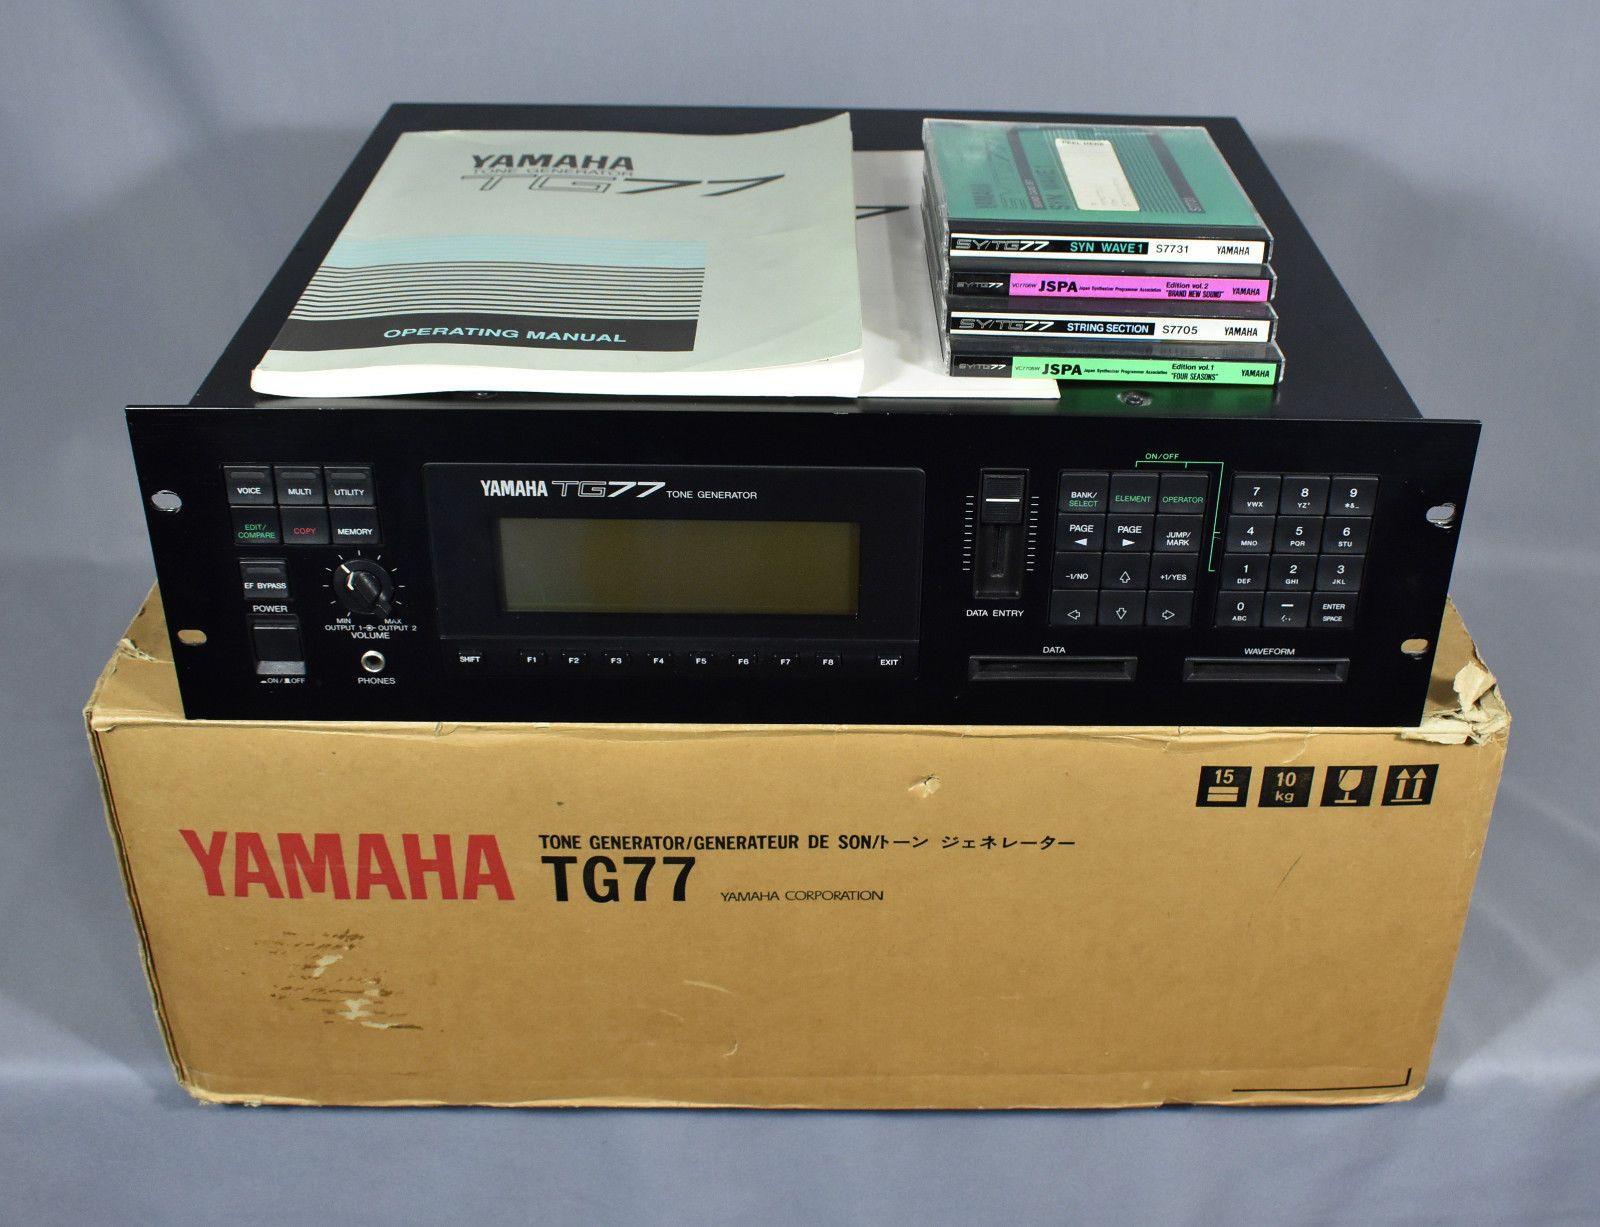 80s Yamaha TG77 Tone Generator Synthesizer w/ Sound Cards